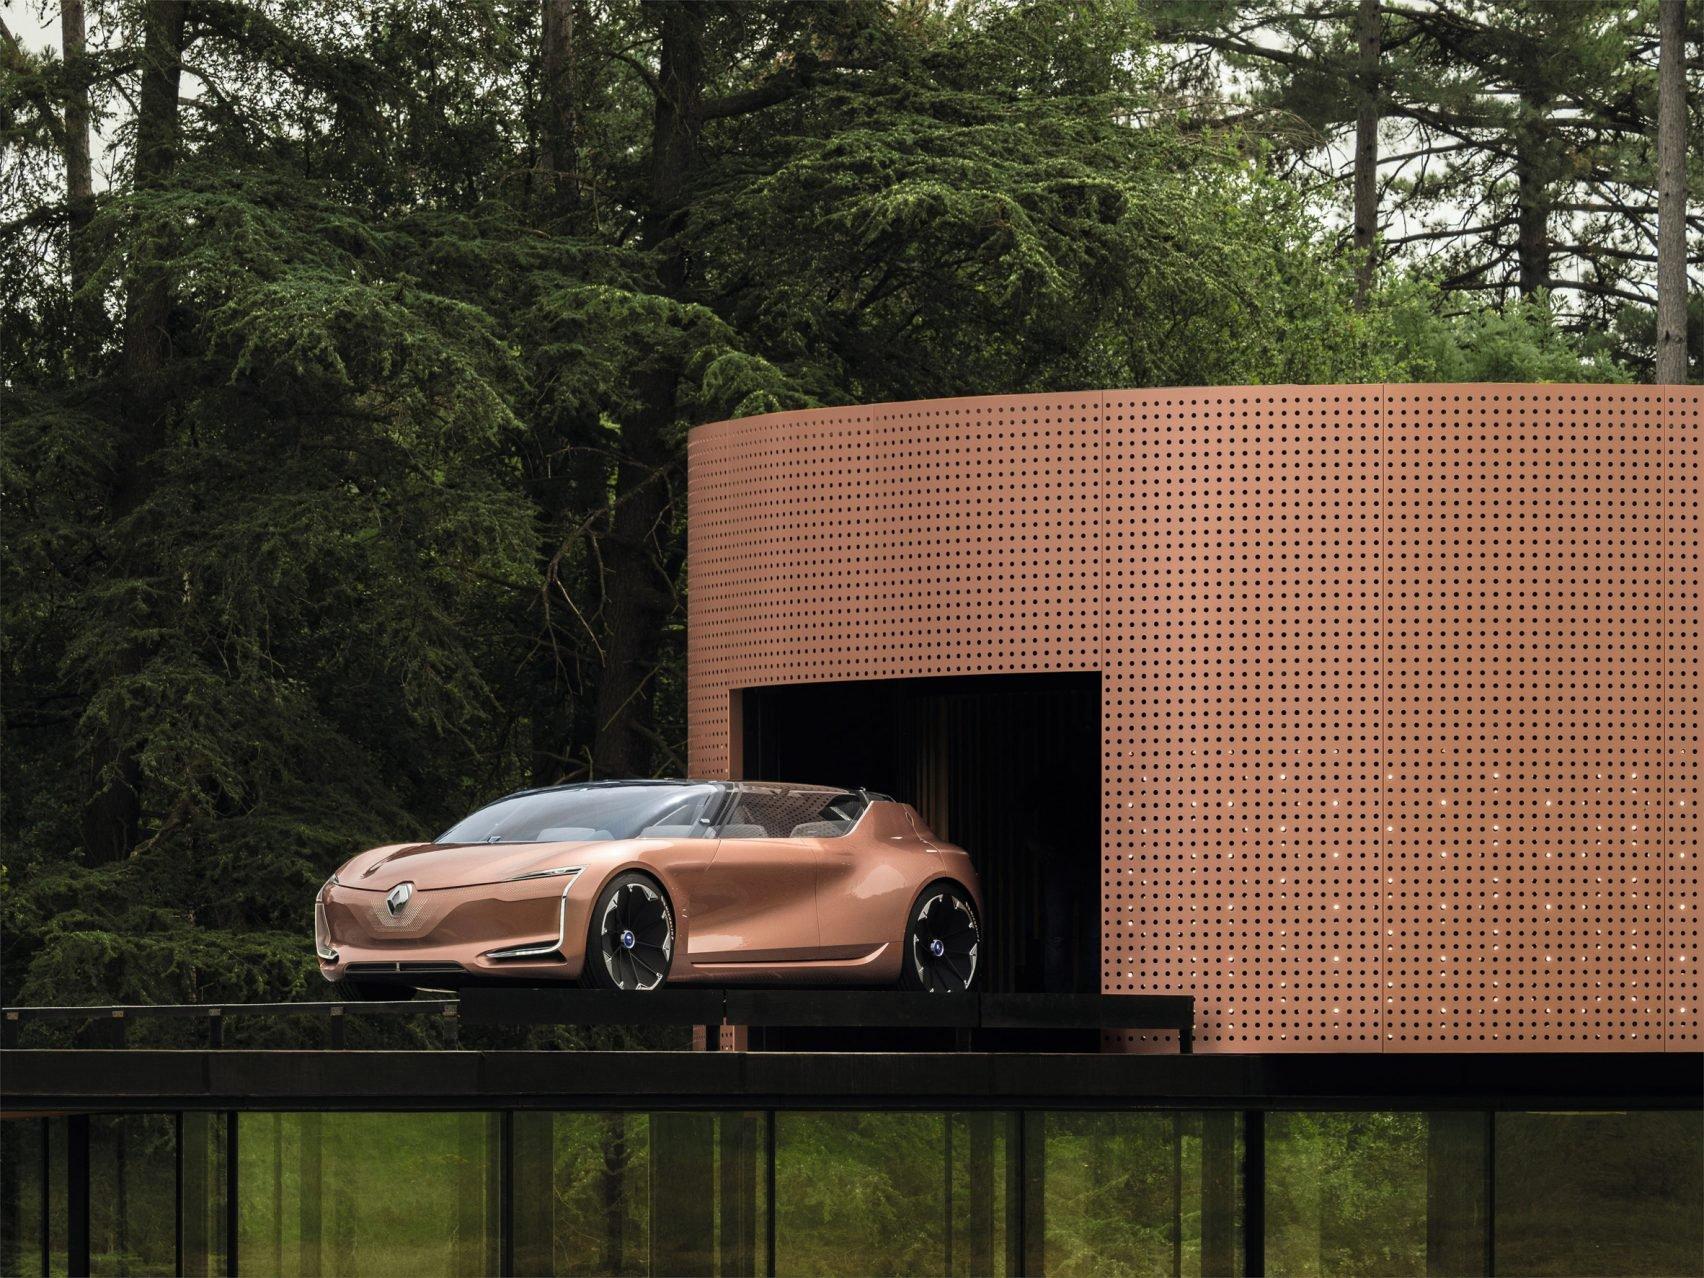 Renault'dan Geleceğin Araç Konsepti: Akıllı Ev ile Bağlantılı Symbioz